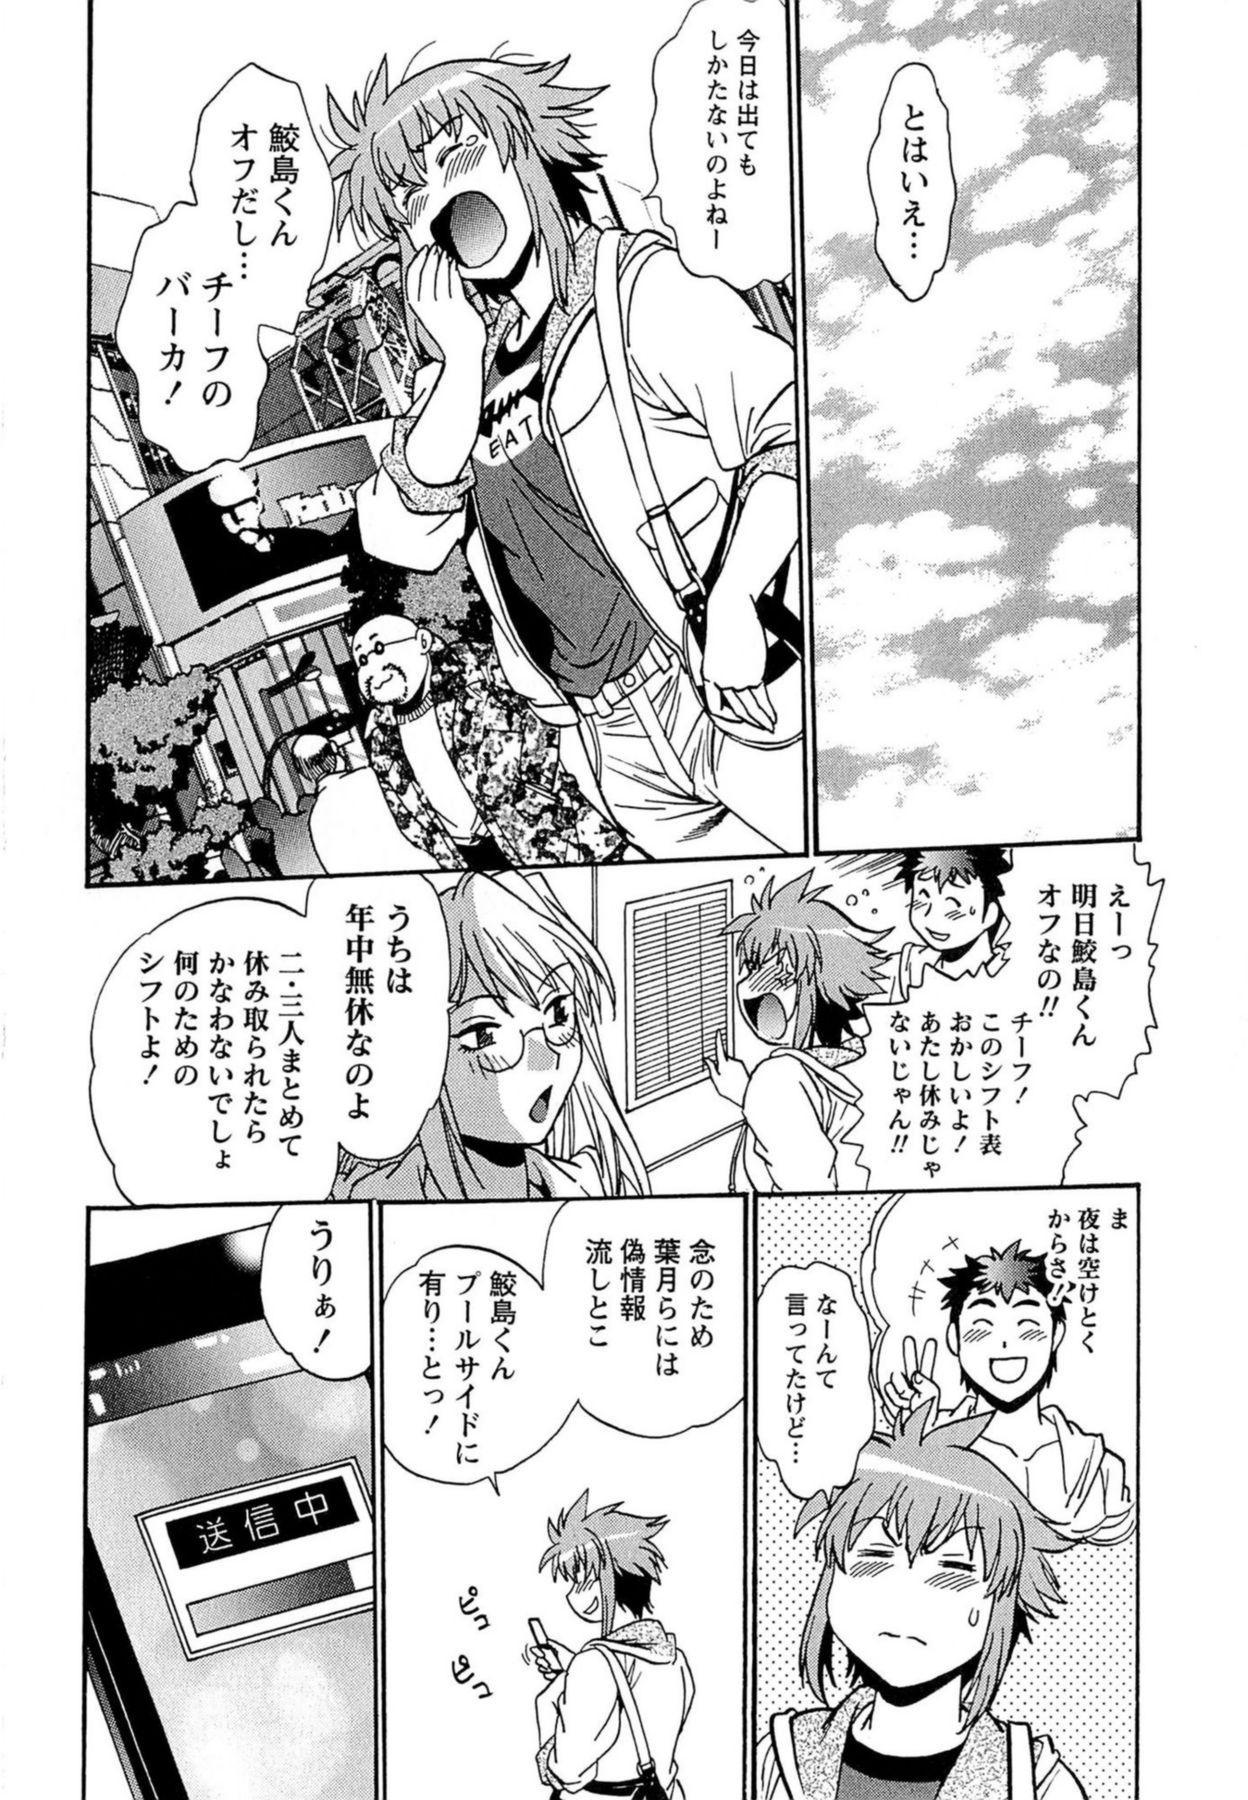 Kuikomi wo Naoshiteru Hima wa Nai! Vol. 1 112